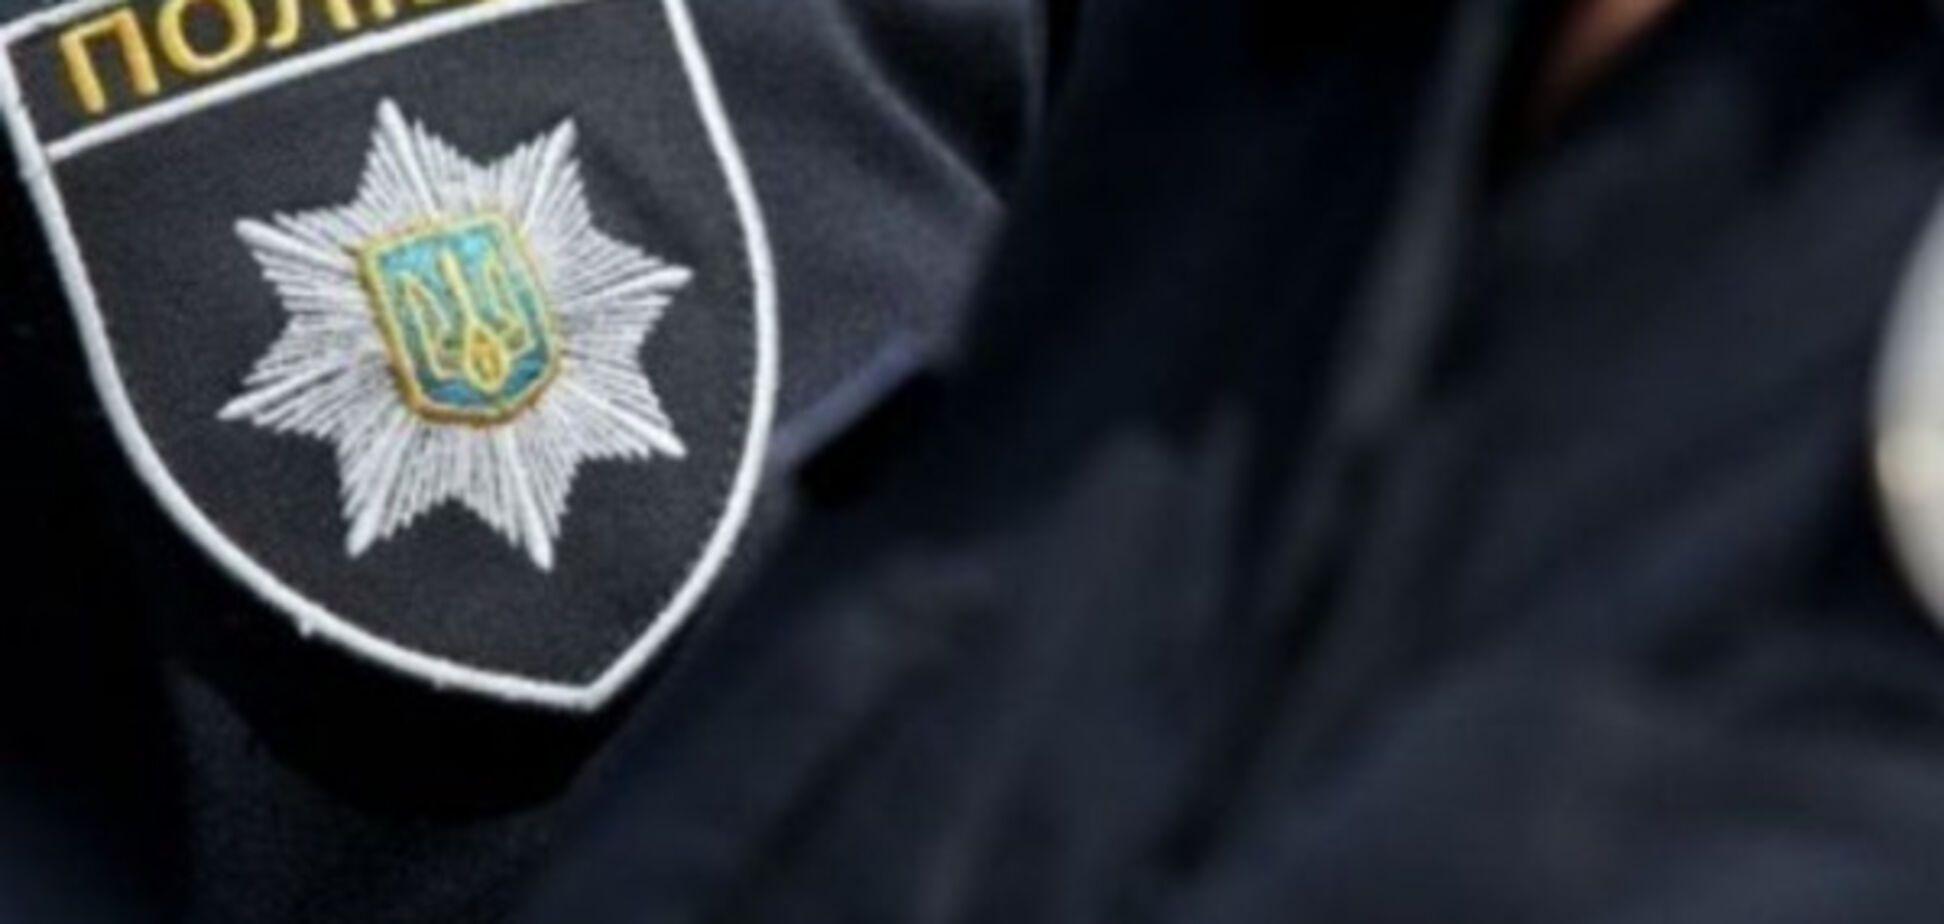 Правоохранительные разборки: экс-милиционер избил полицейского